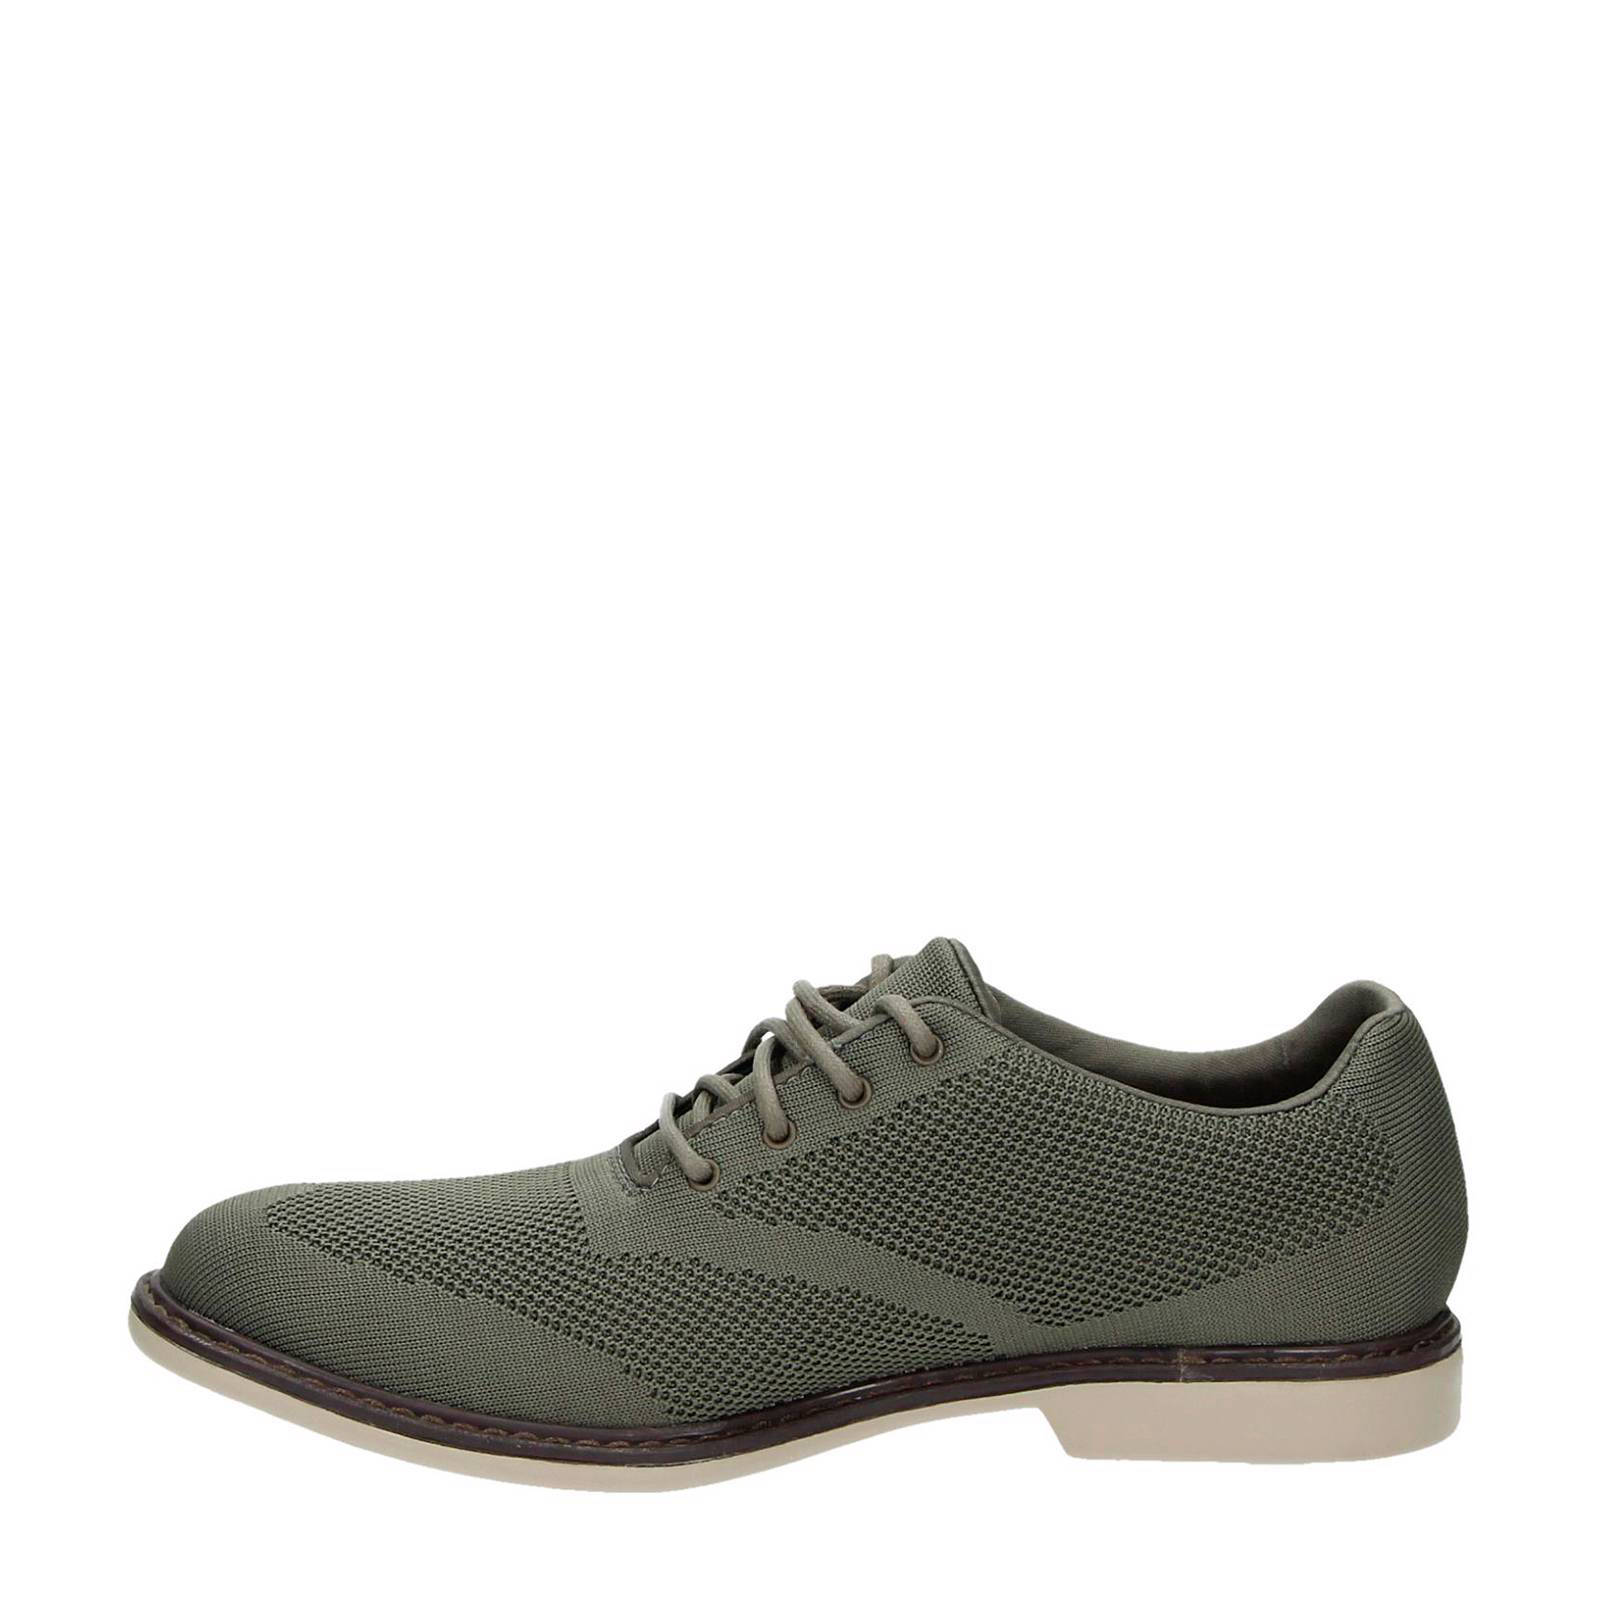 Skechers Marque Chaussures Nason Avec Les Hommes Lacer NrlGoRNW